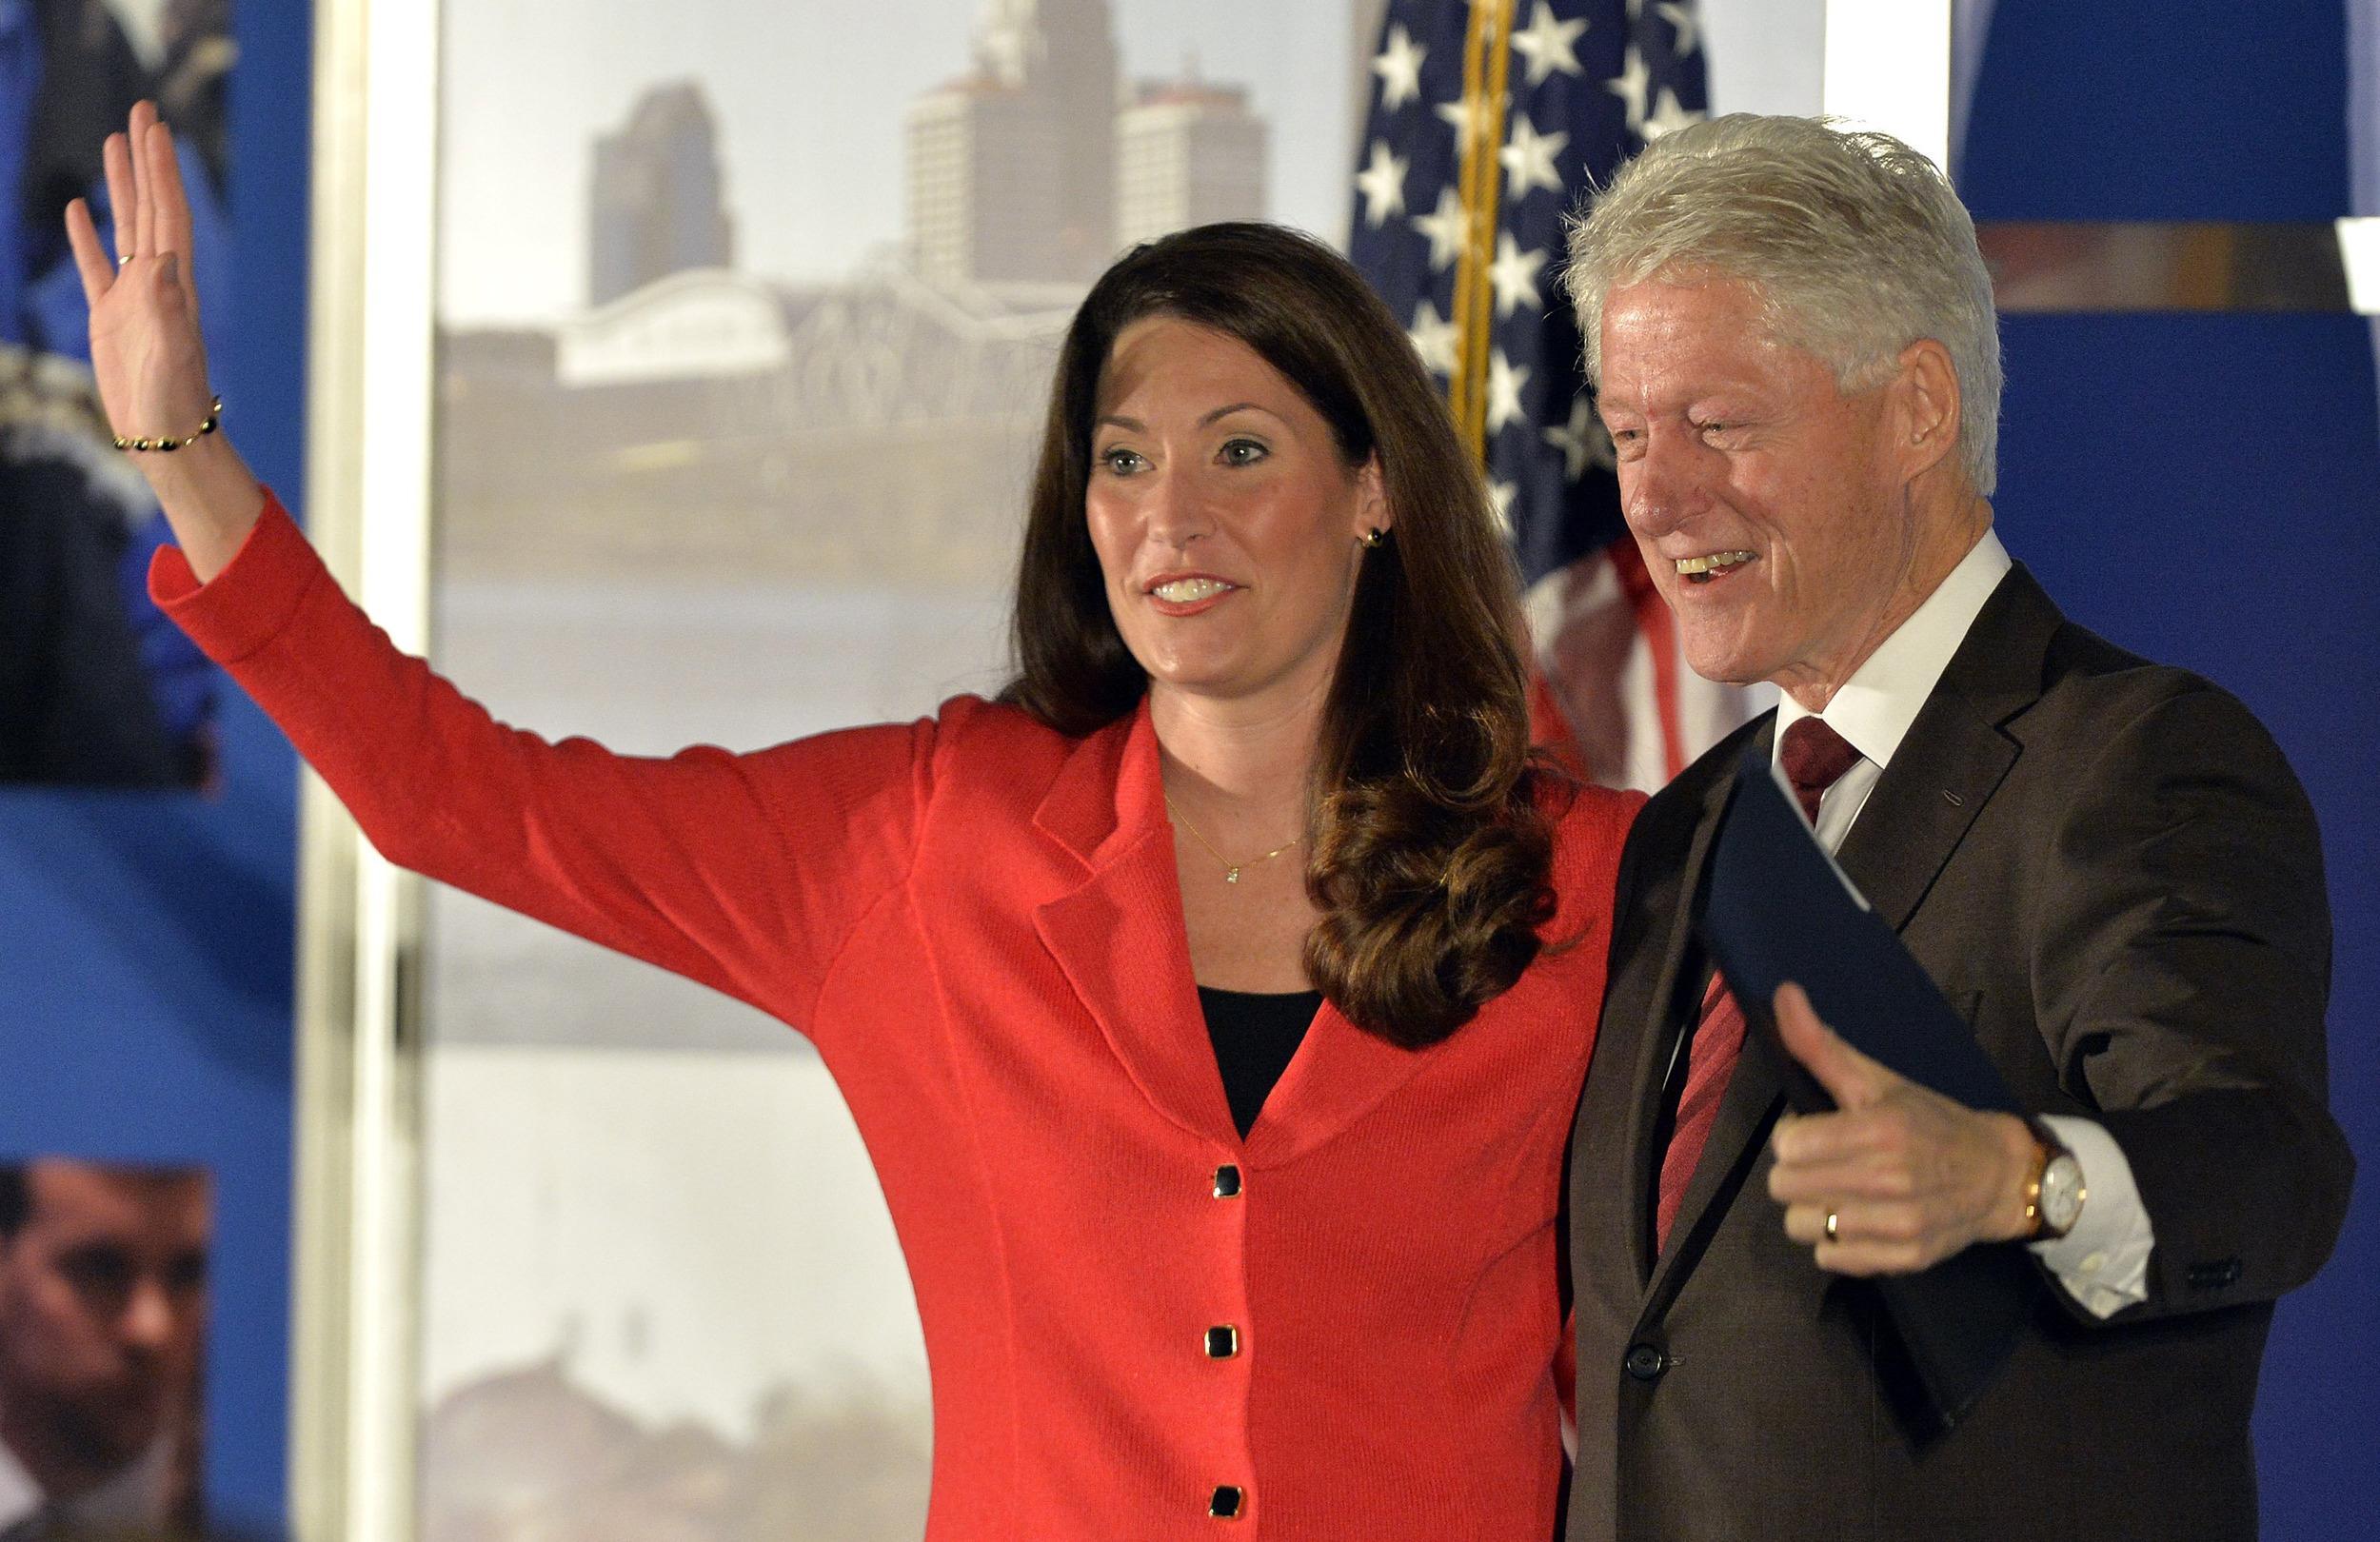 Image: Bill Clinton, Alison Lundergan Grimes